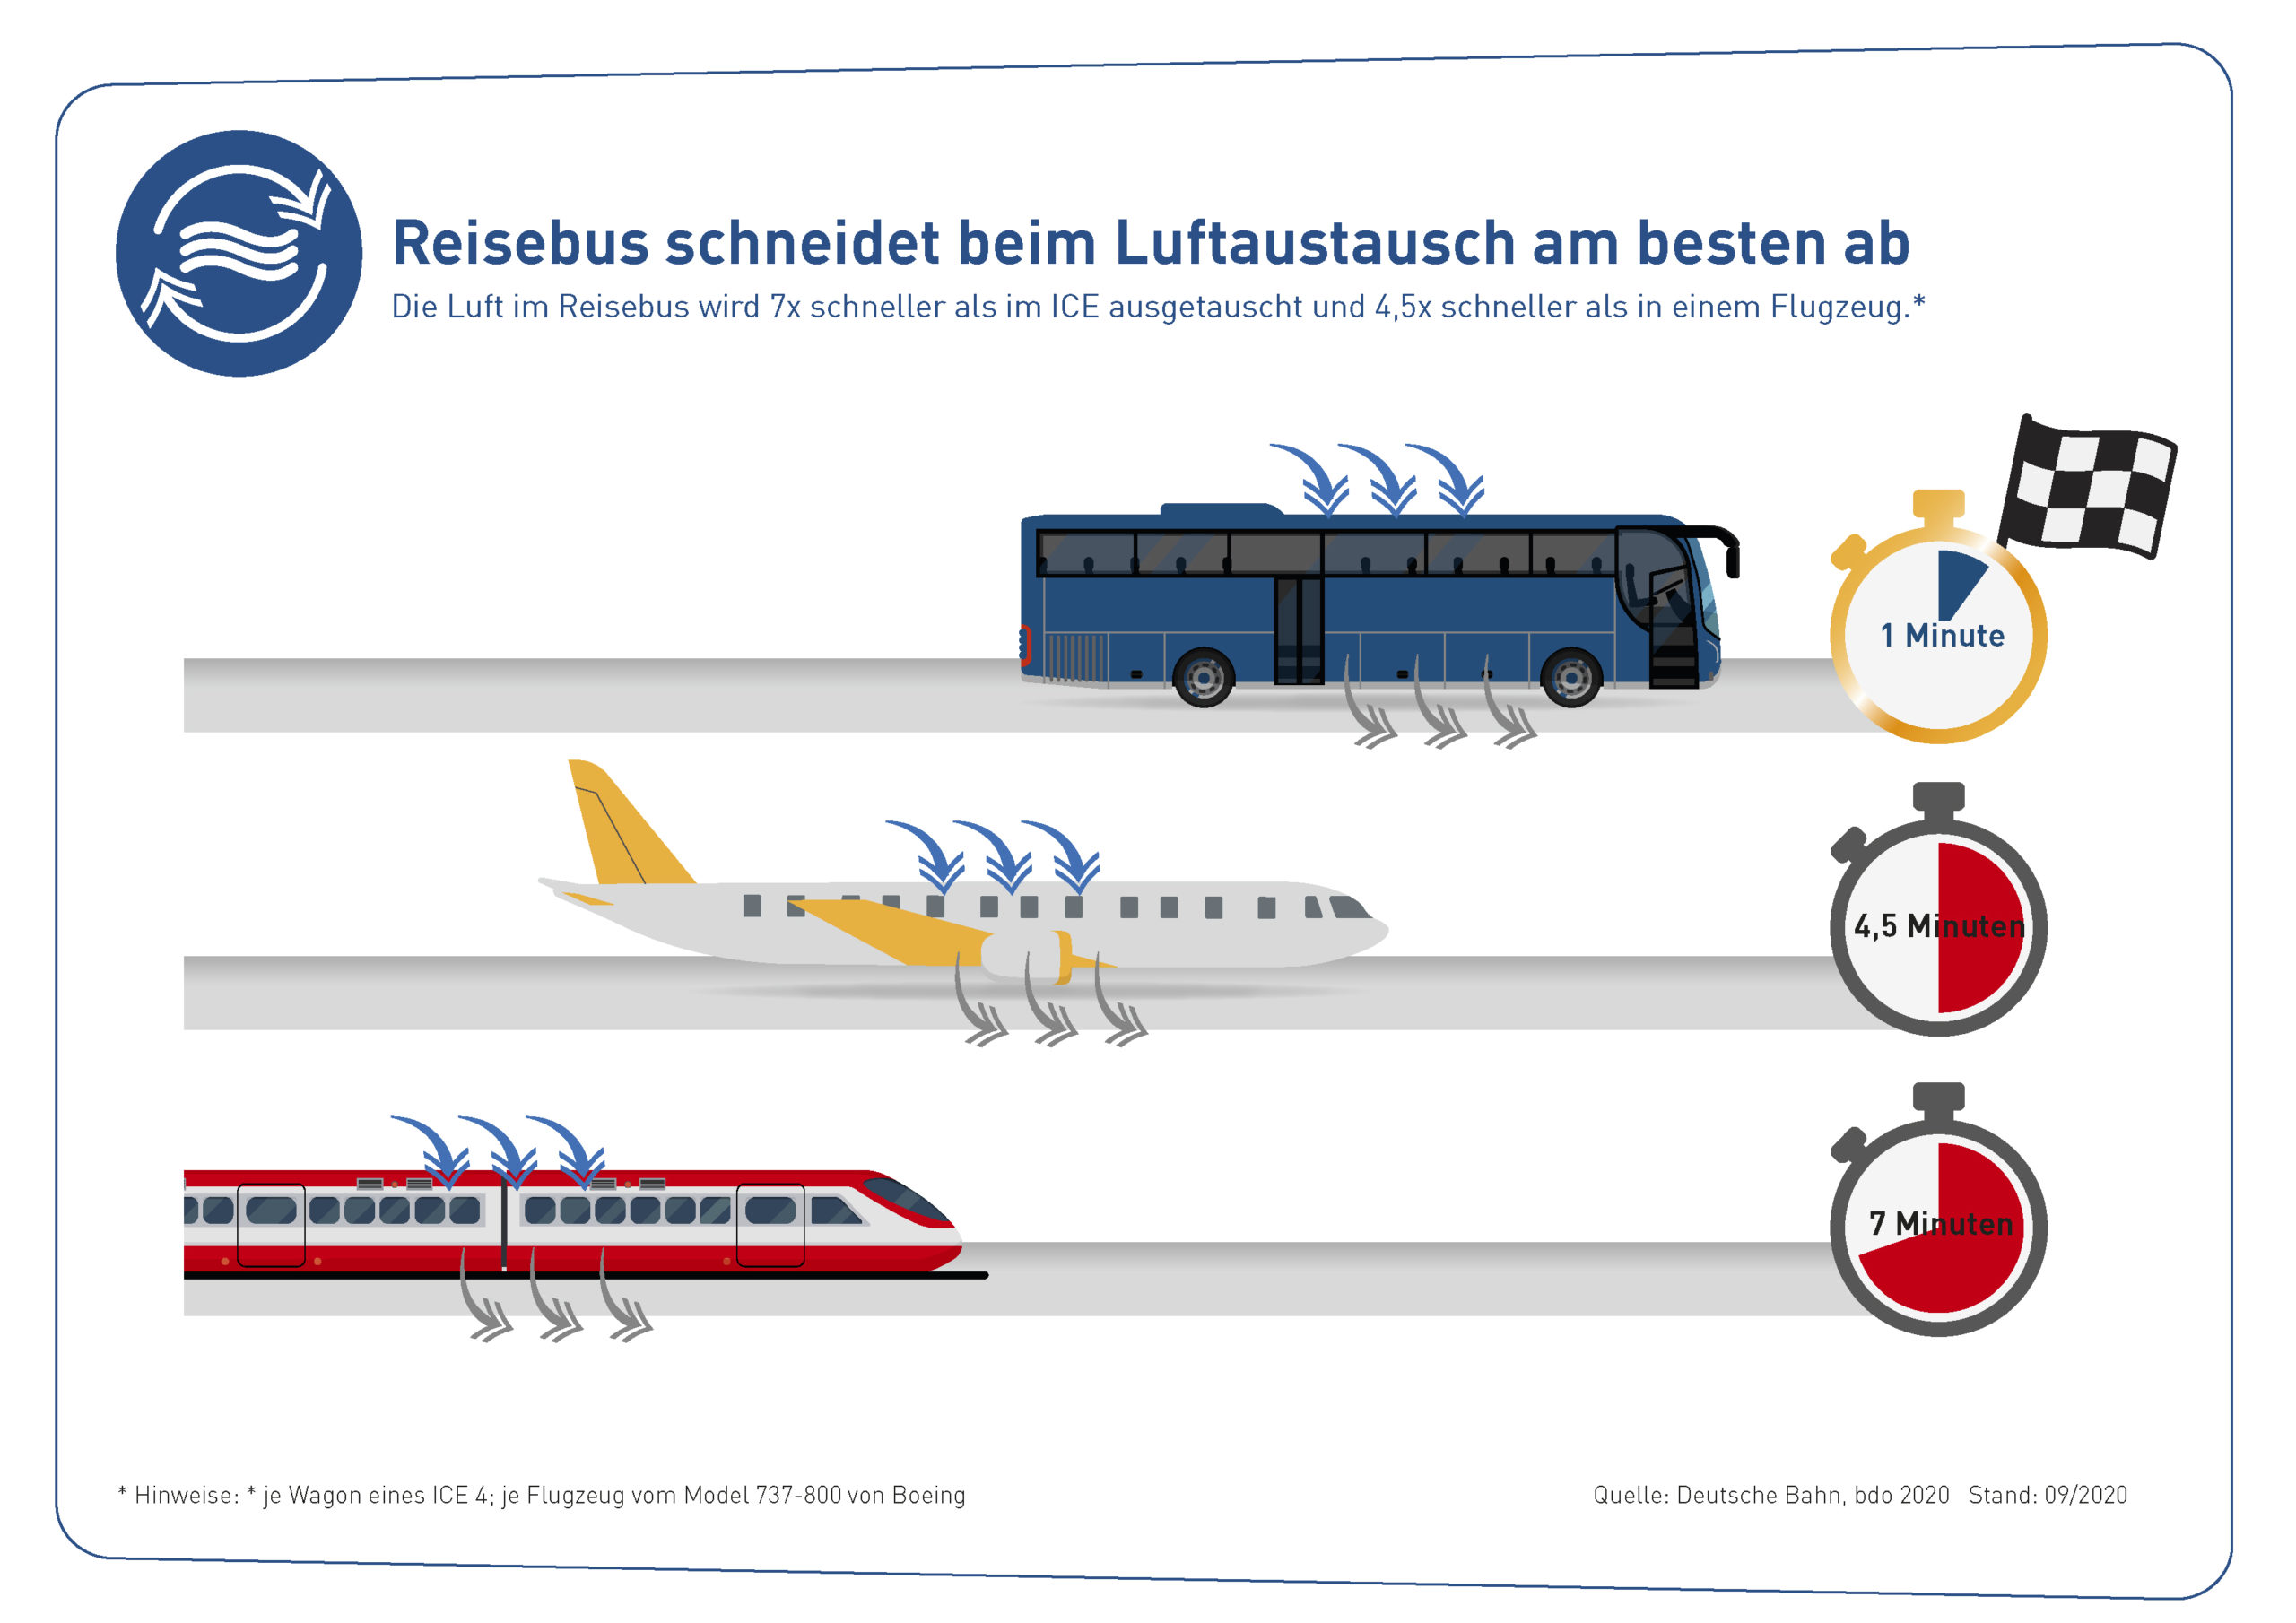 bdo-grafik-Reisebus-schneidet-im-Luftaustausch-am-besten-ab